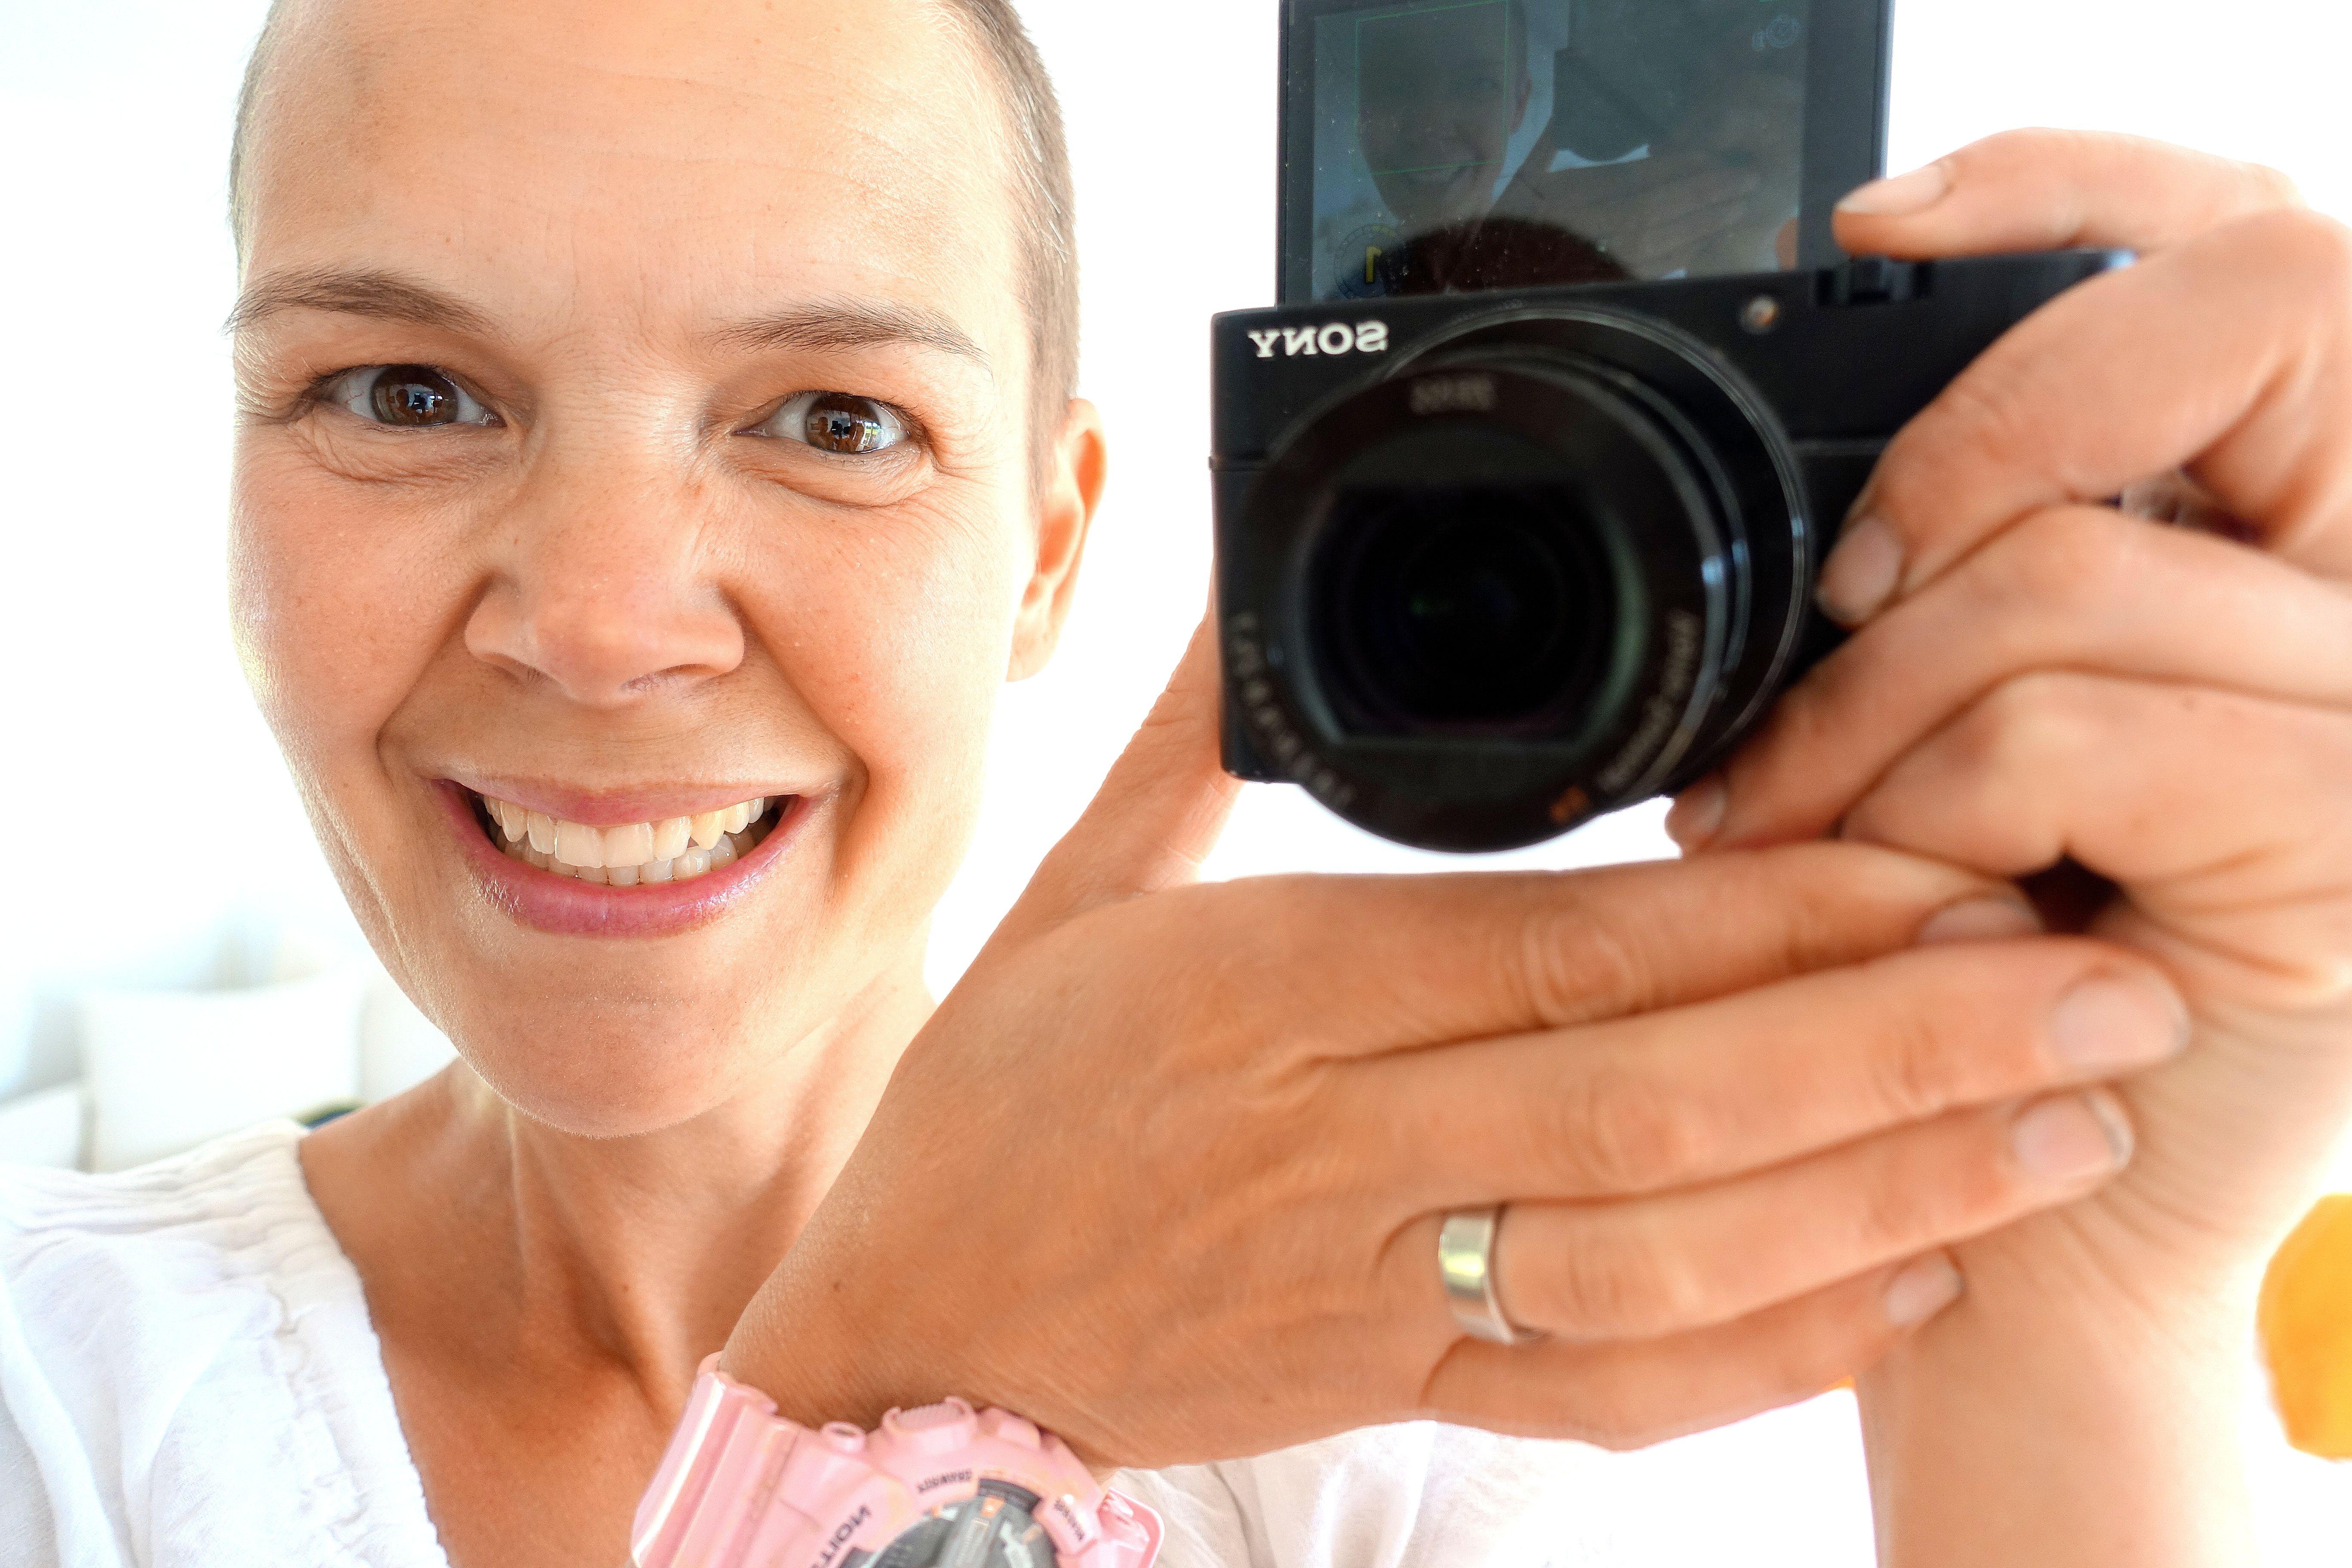 Sara tar en selfie genom en spegel, och både hon och kameran syns i bild.